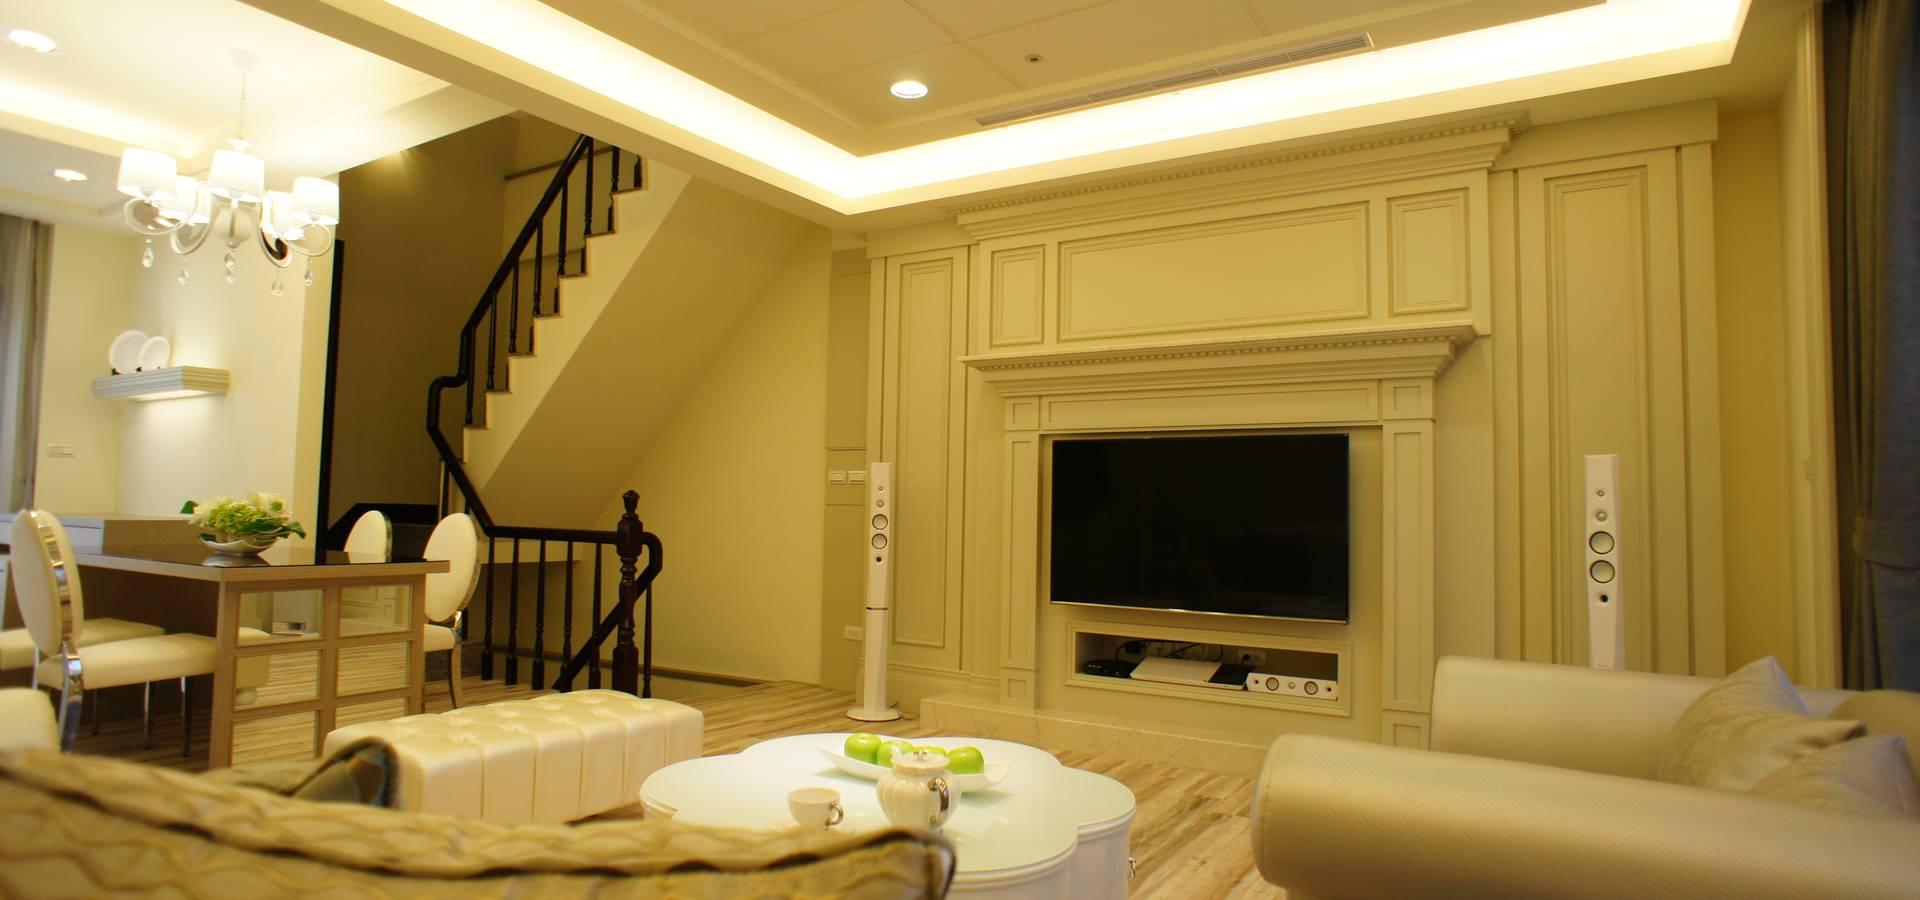 棠豐室內裝修設計工程有限公司